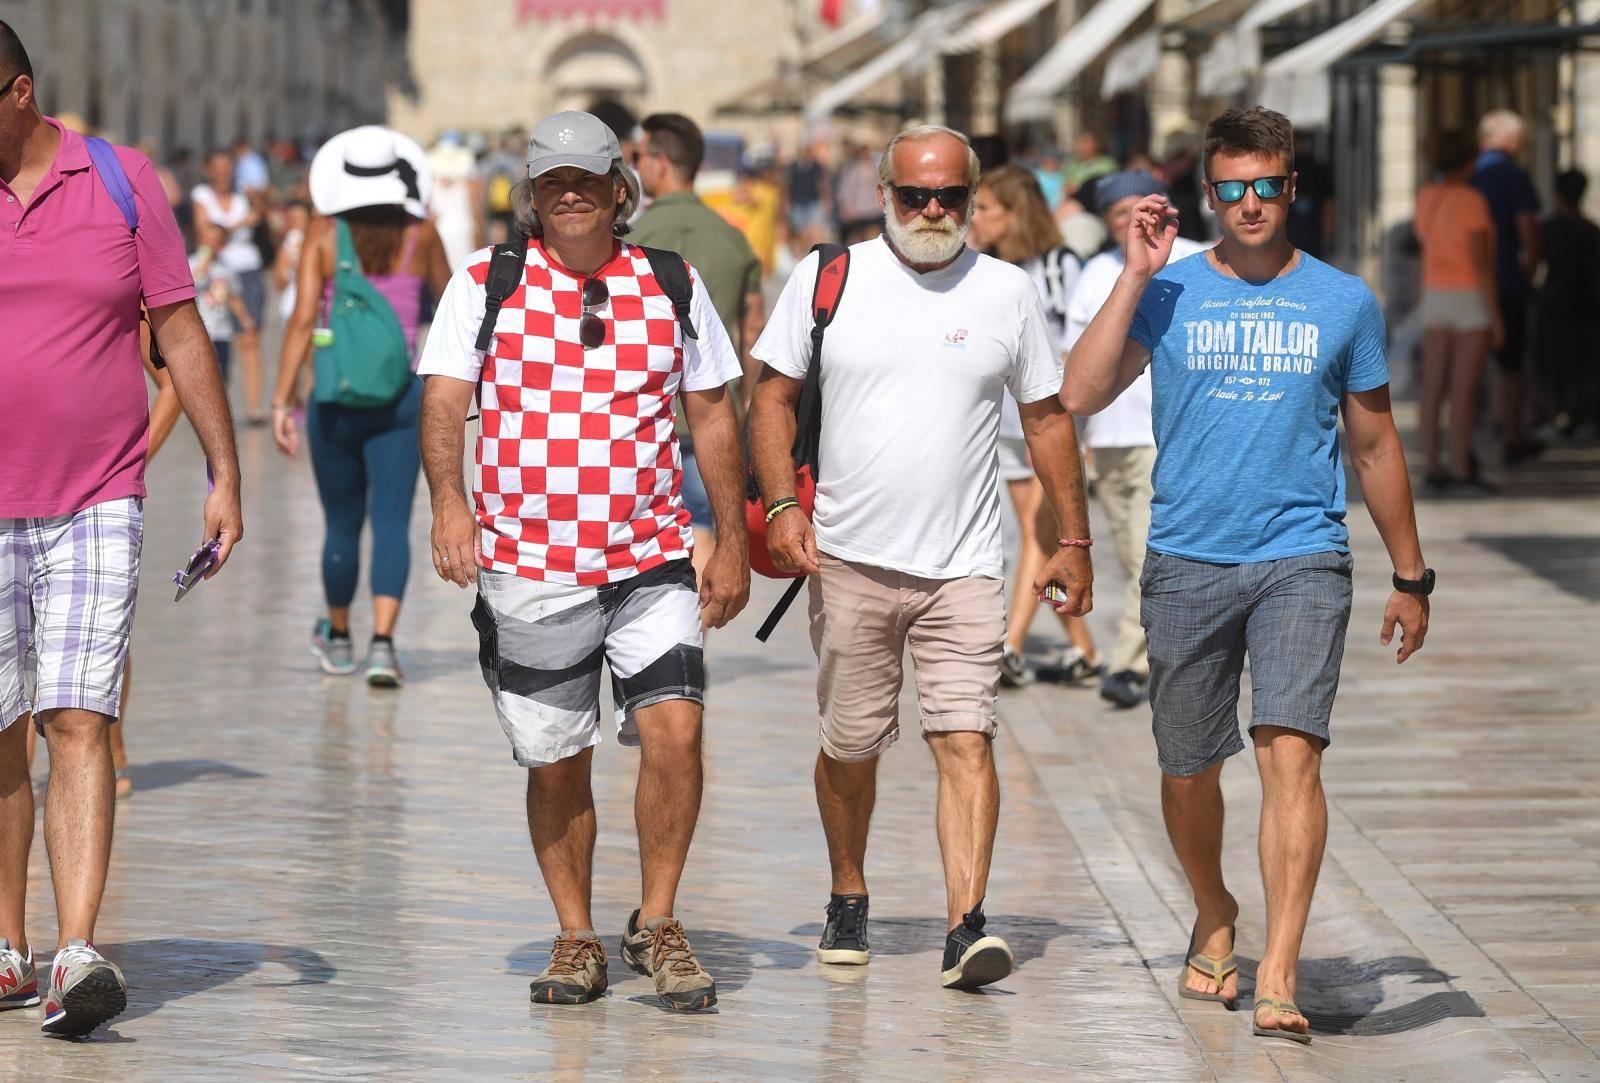 Jedan od najboljih suvenira u Dubrovniku ipak je kockasti dres srebrnih nogometaša